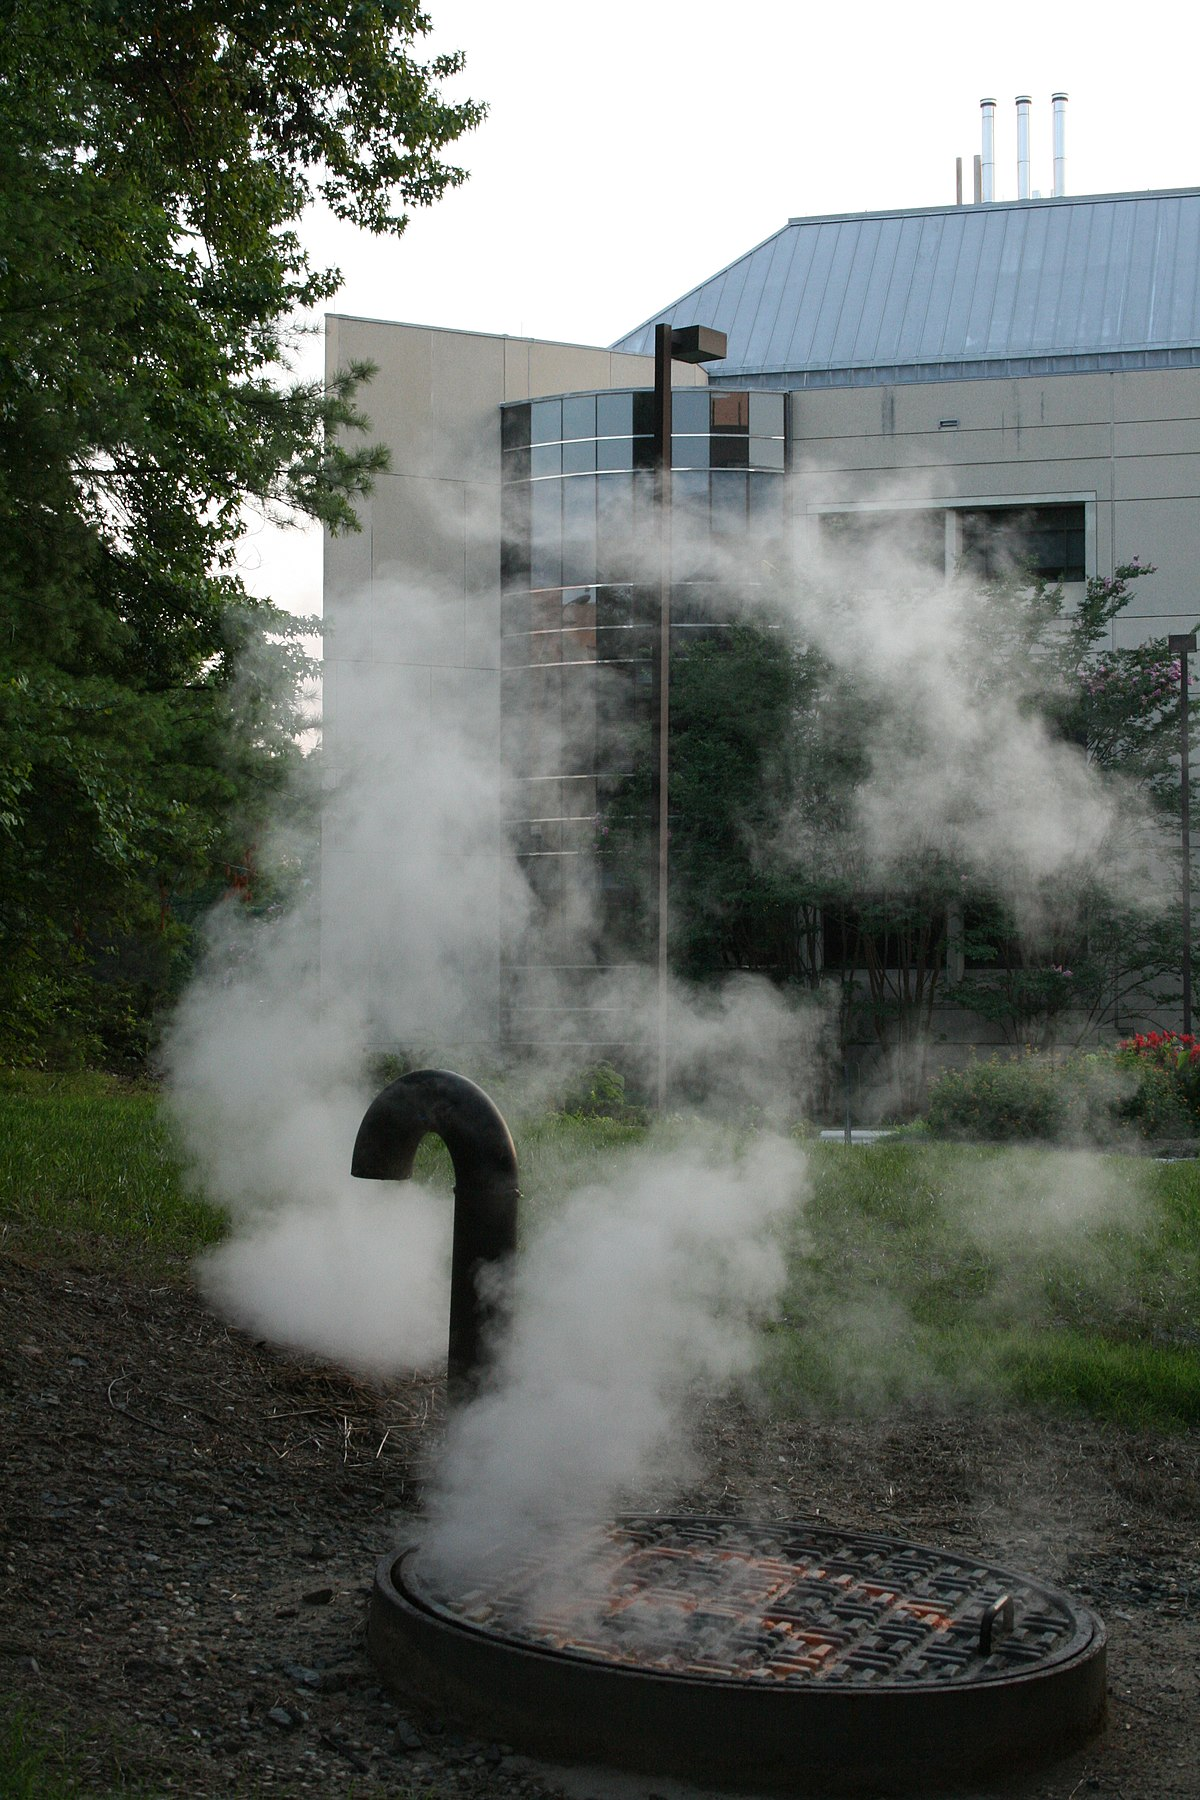 Dampf – Wikipedia